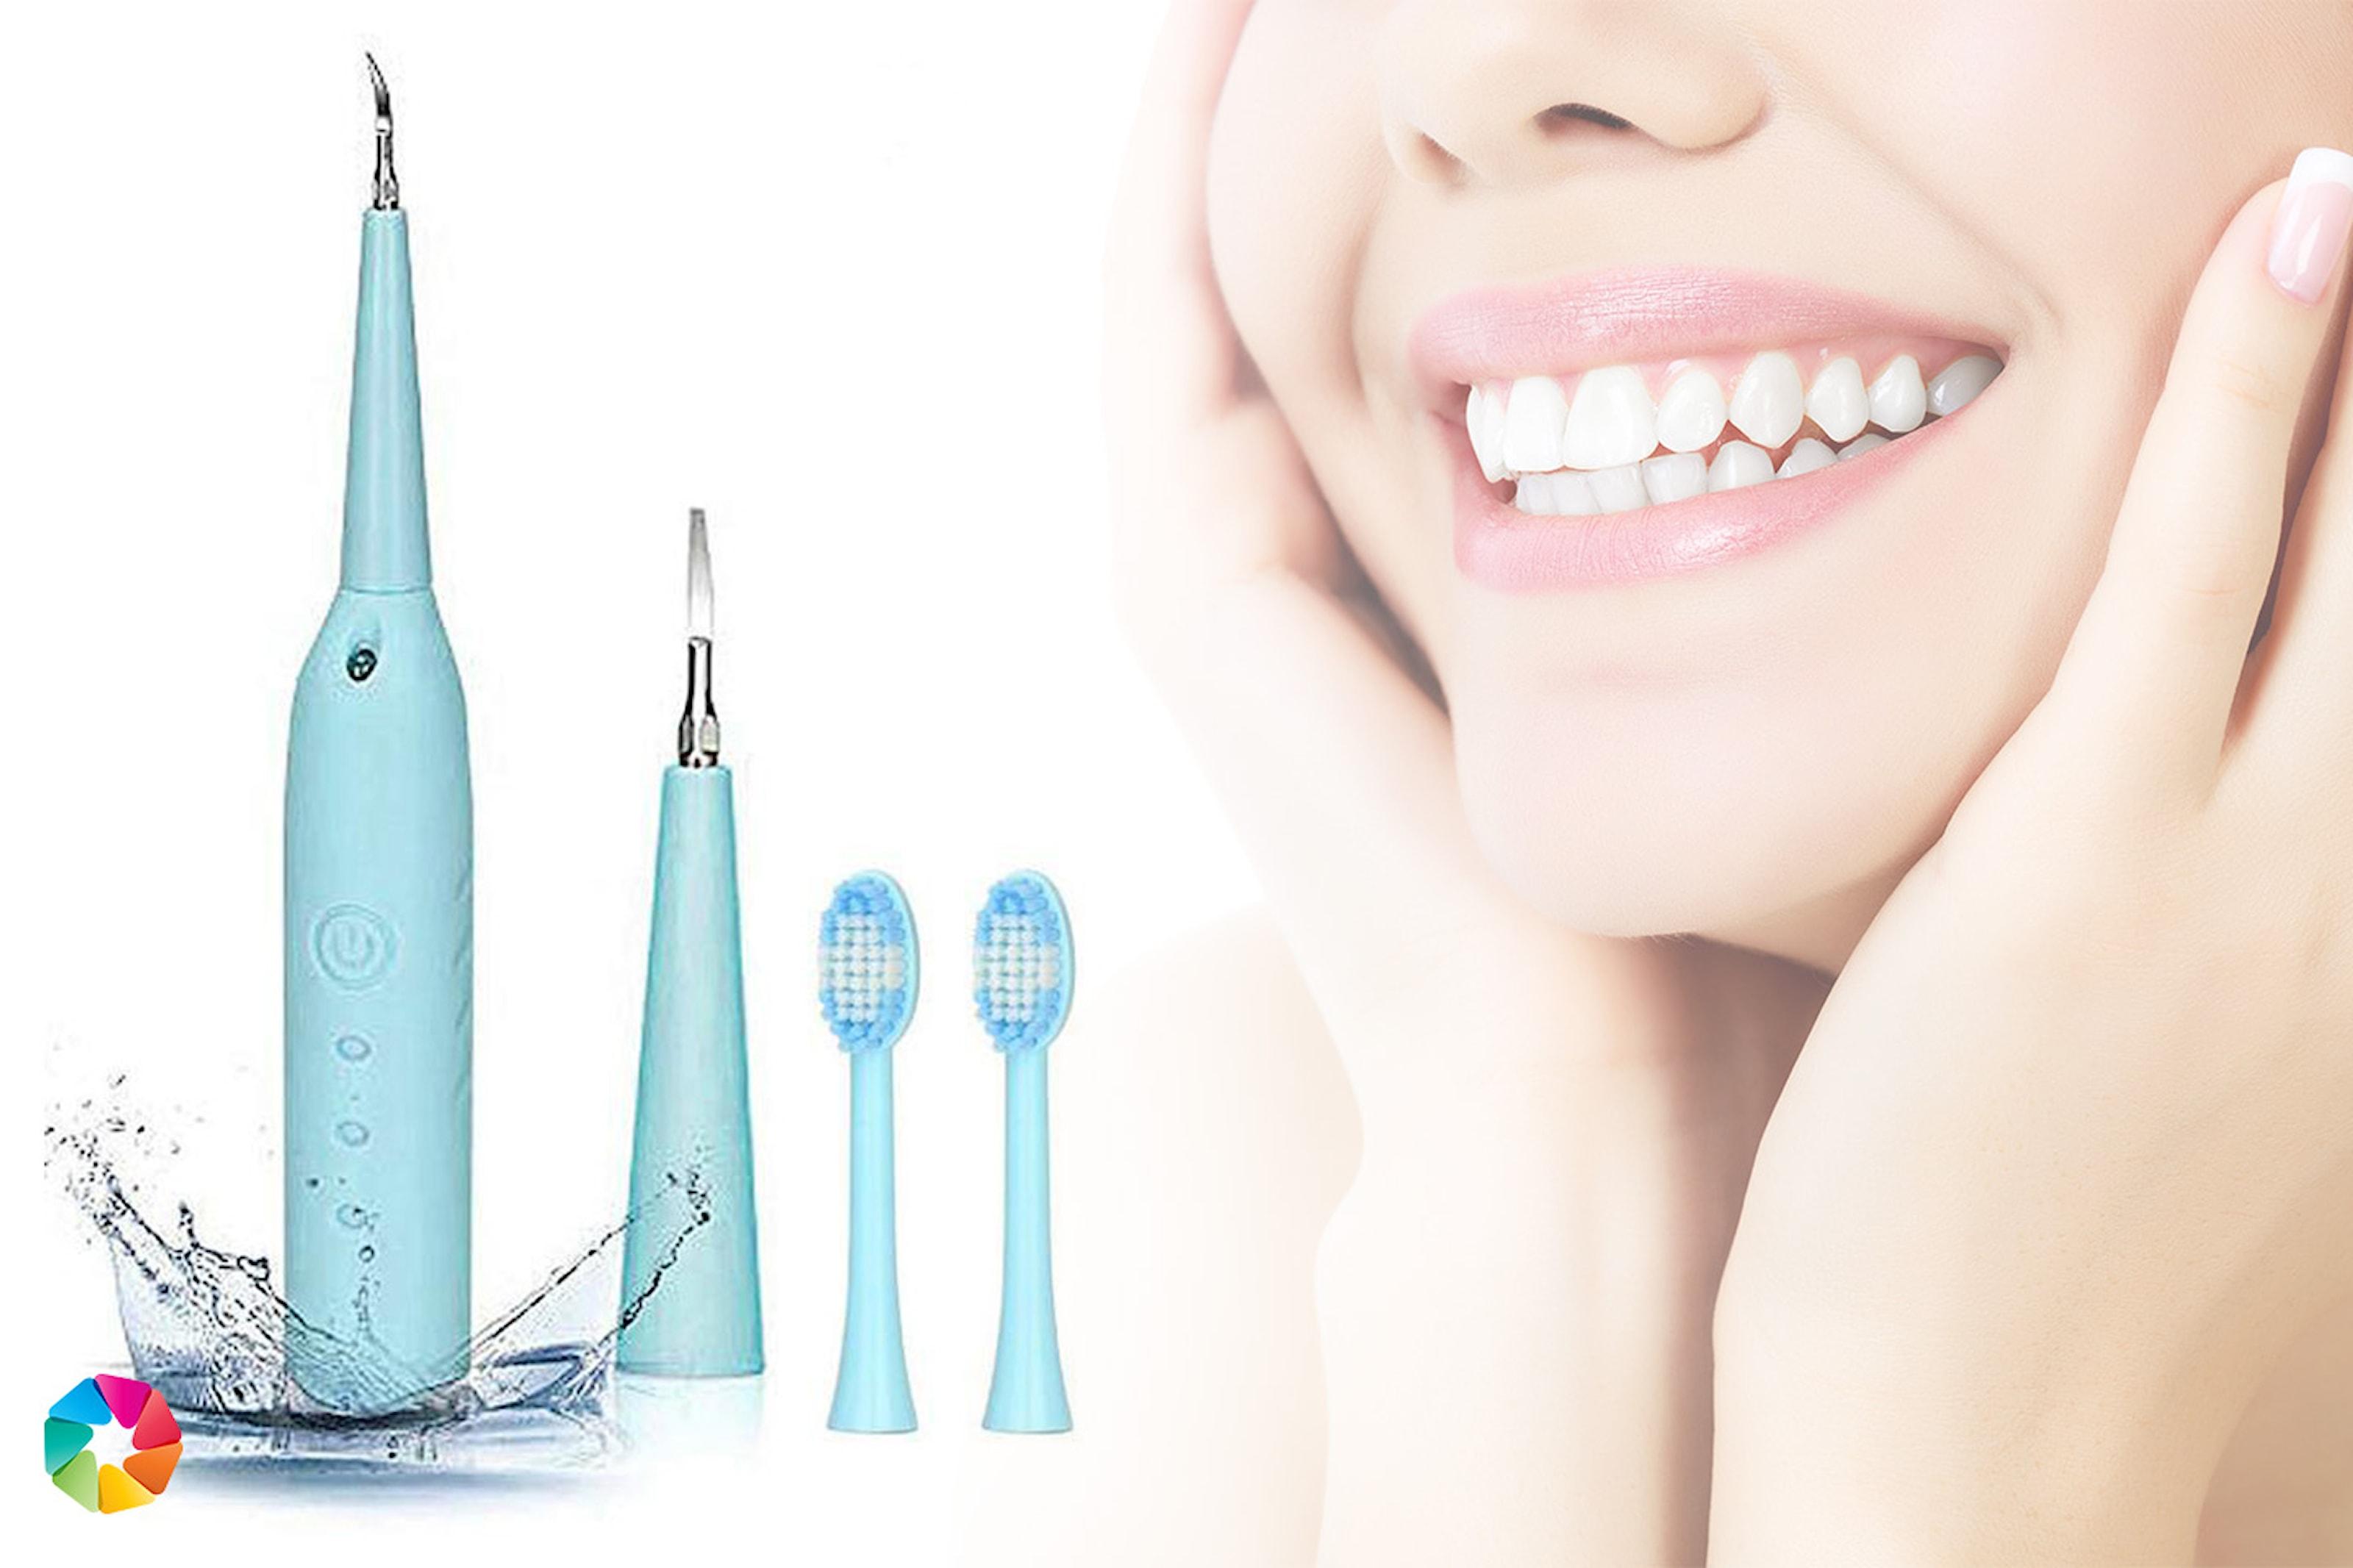 Elektrisk tandborste med plackavlägsnare